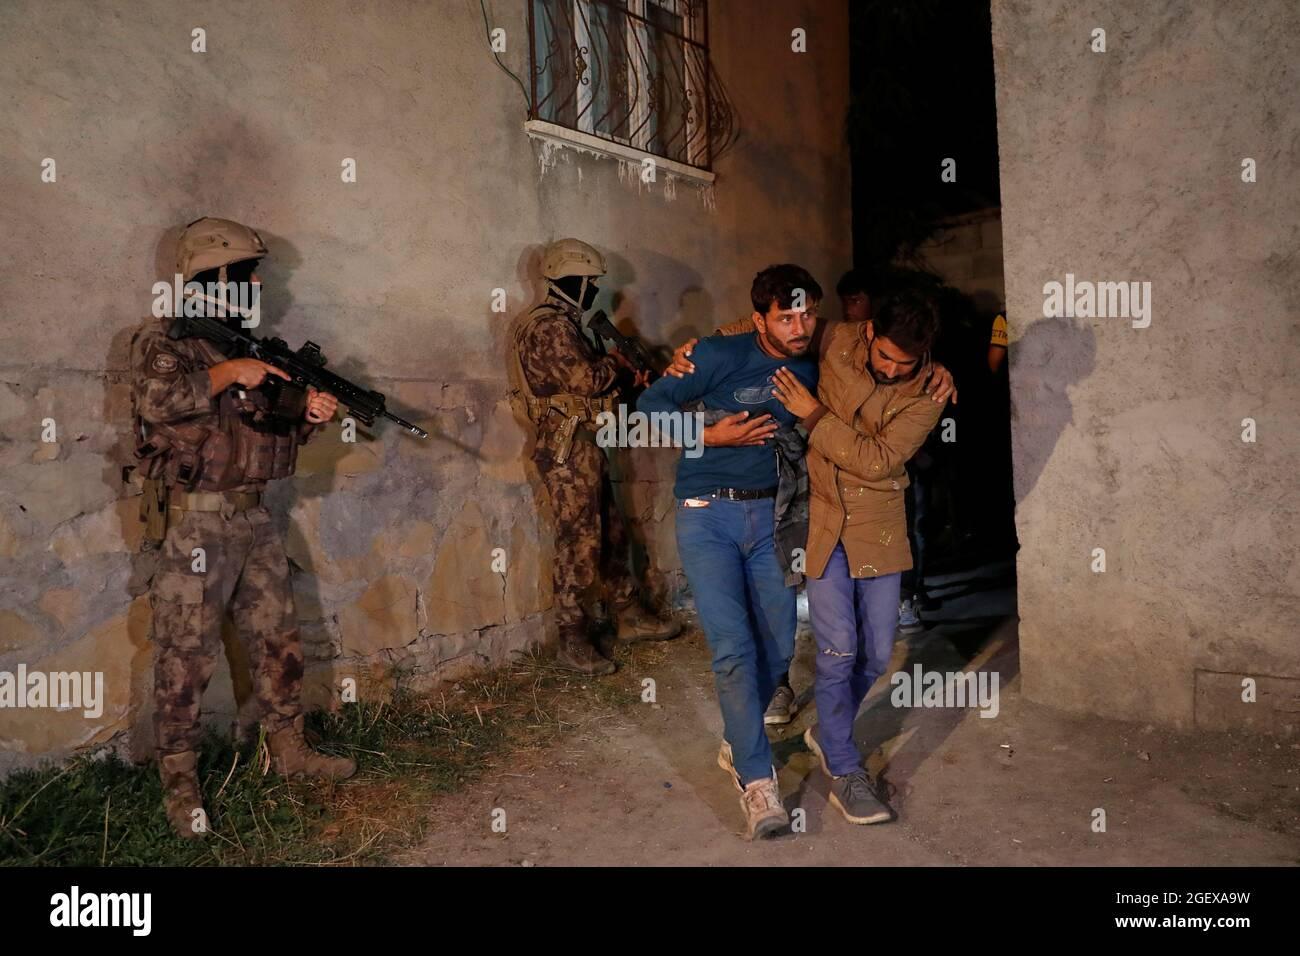 I migranti, principalmente provenienti dall'Afghanistan, sono visti dopo essere stati detenuti dalle forze di sicurezza turche durante un'operazione nella città di confine di Van, Turchia, alla fine del 21 agosto 2021. REUTERS/Murad Sezer Foto Stock